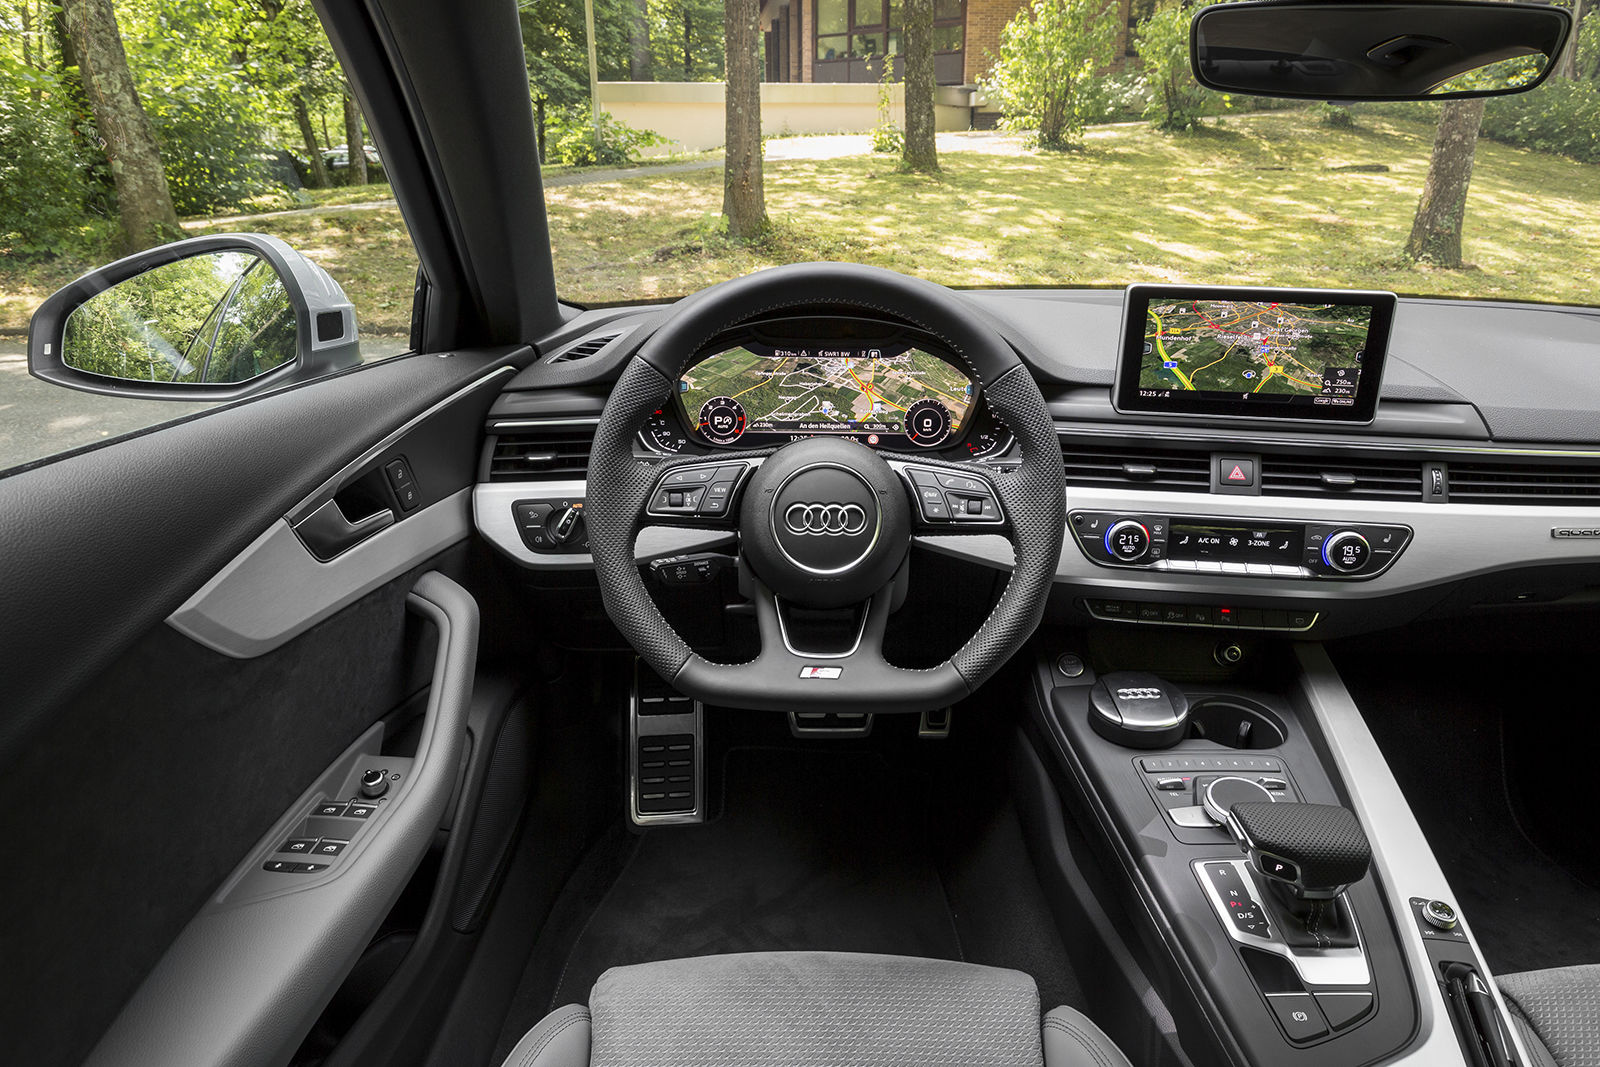 Audi a4 avant review deals carwow for Audi a4 onderdelen interieur